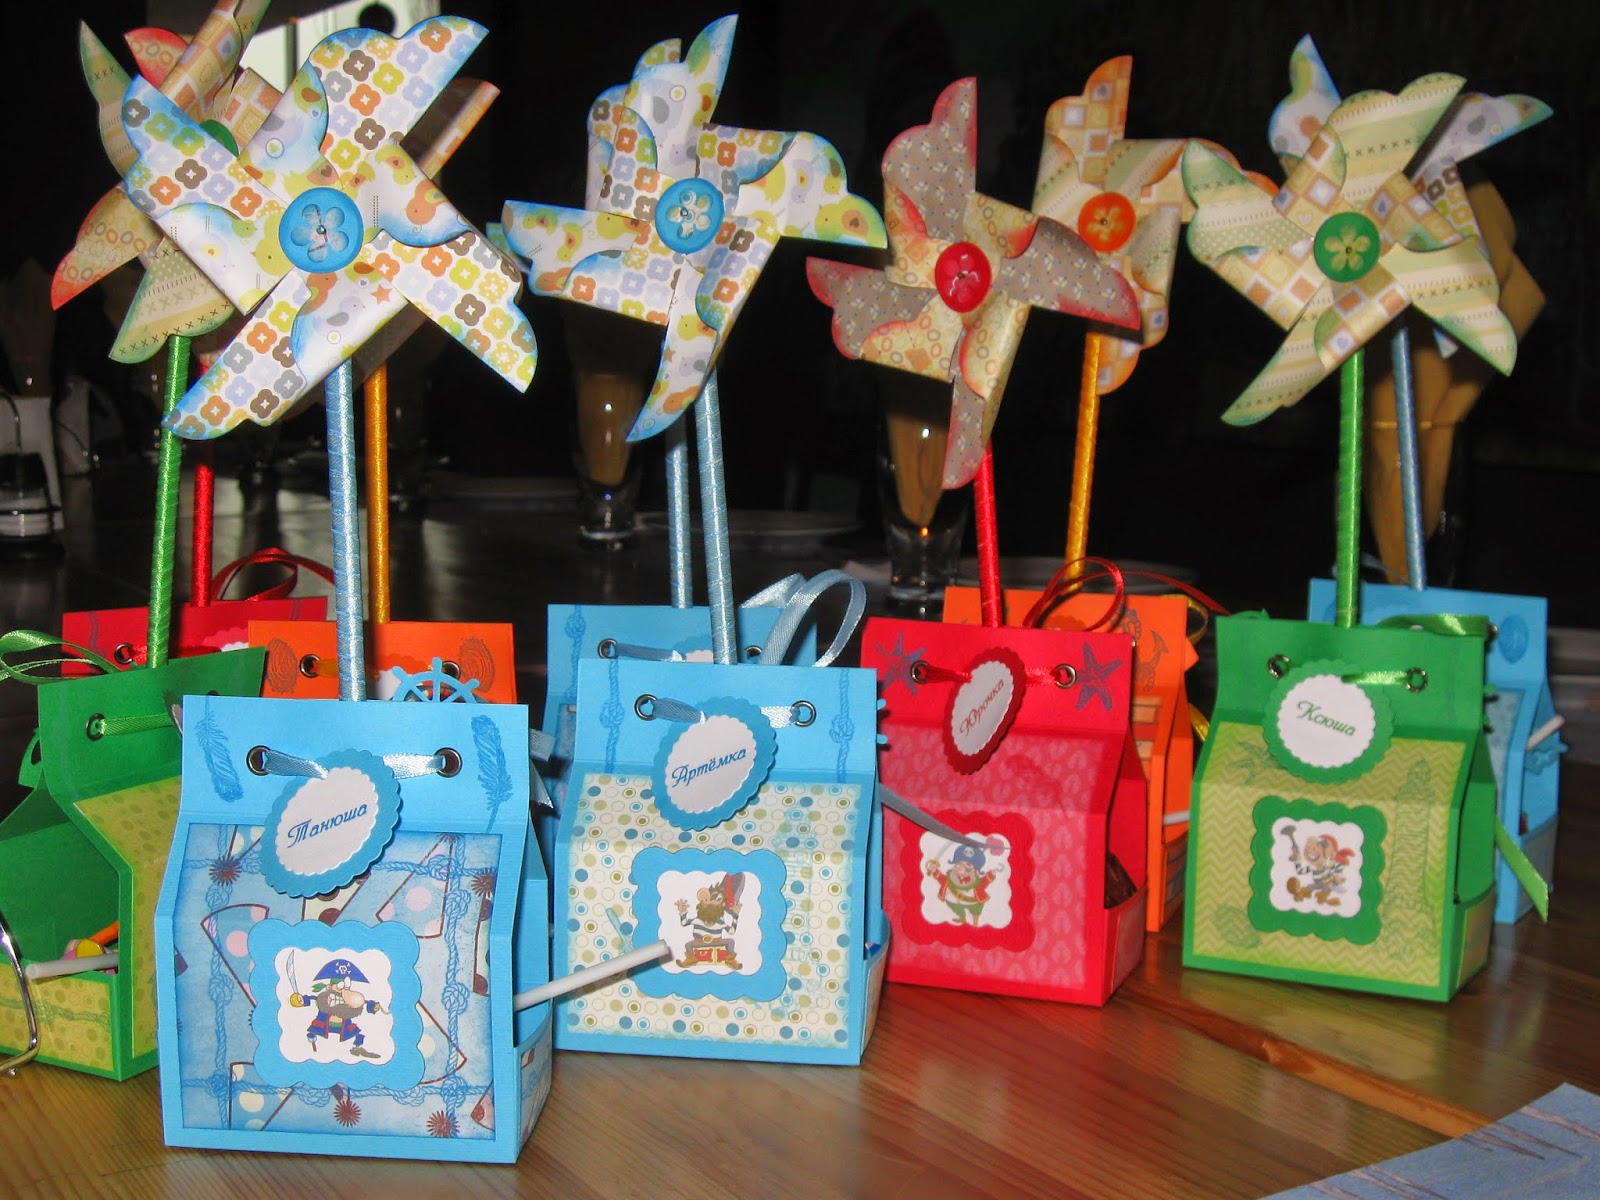 подарочные коробочки на детский день рождения